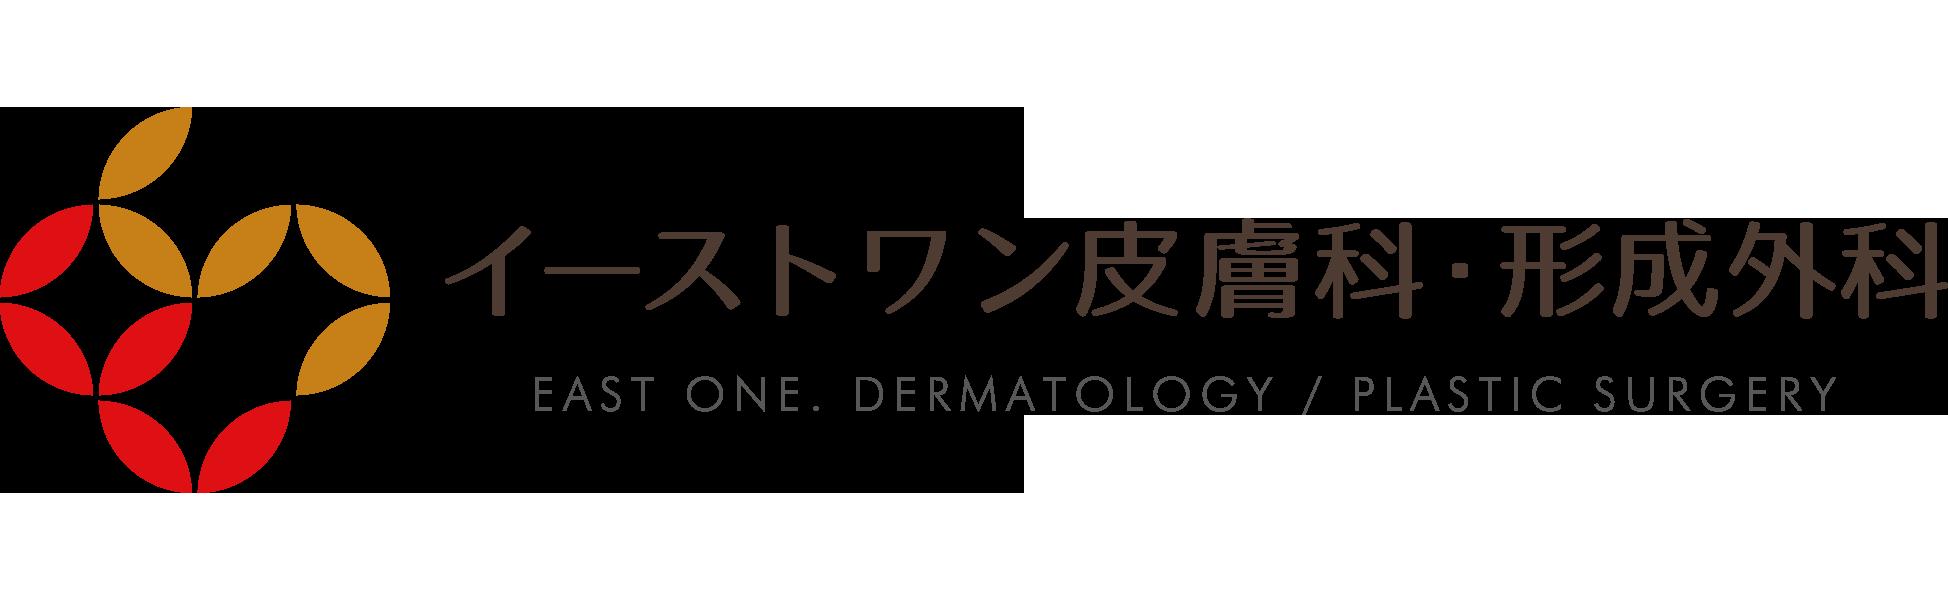 イーストワン皮膚科・形成外科 入谷 英里ブログ